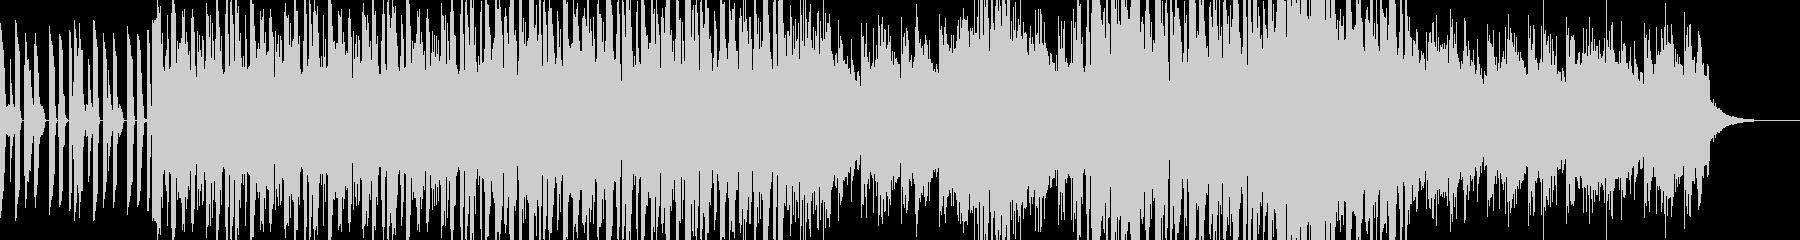 サックスと幻想的なジャズ・フュージョンの未再生の波形